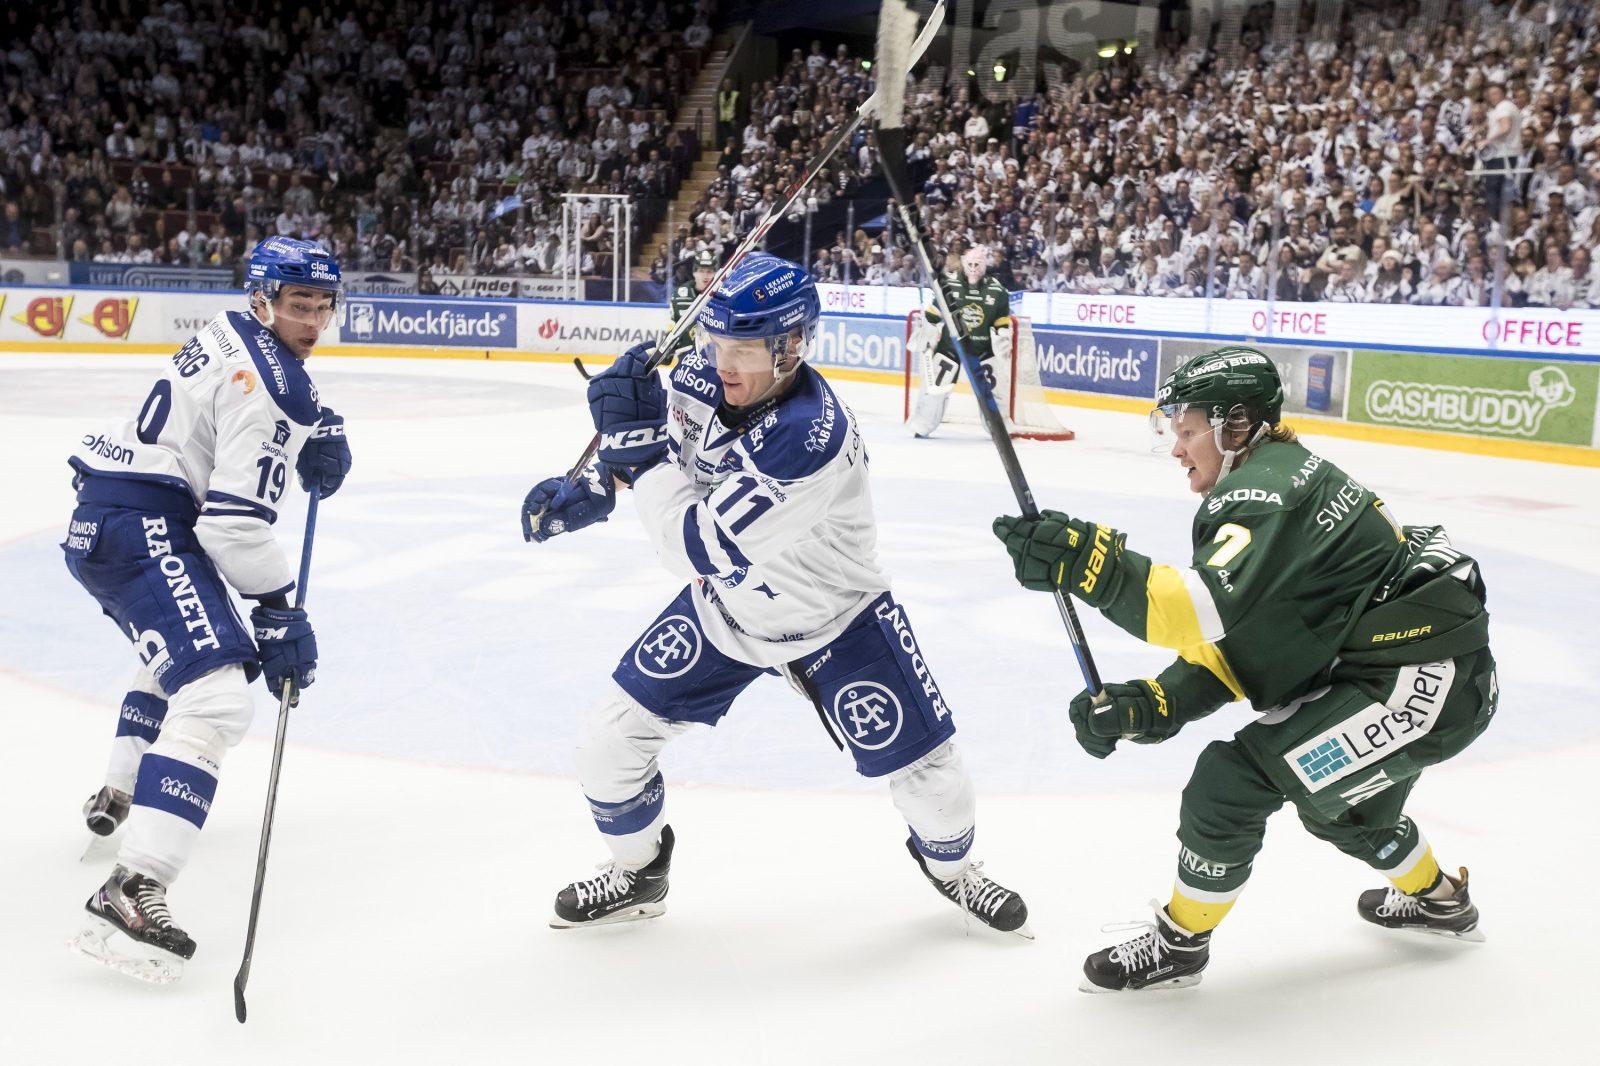 De Allsvenska klubbarna i uppror efter nya tv-avtalen